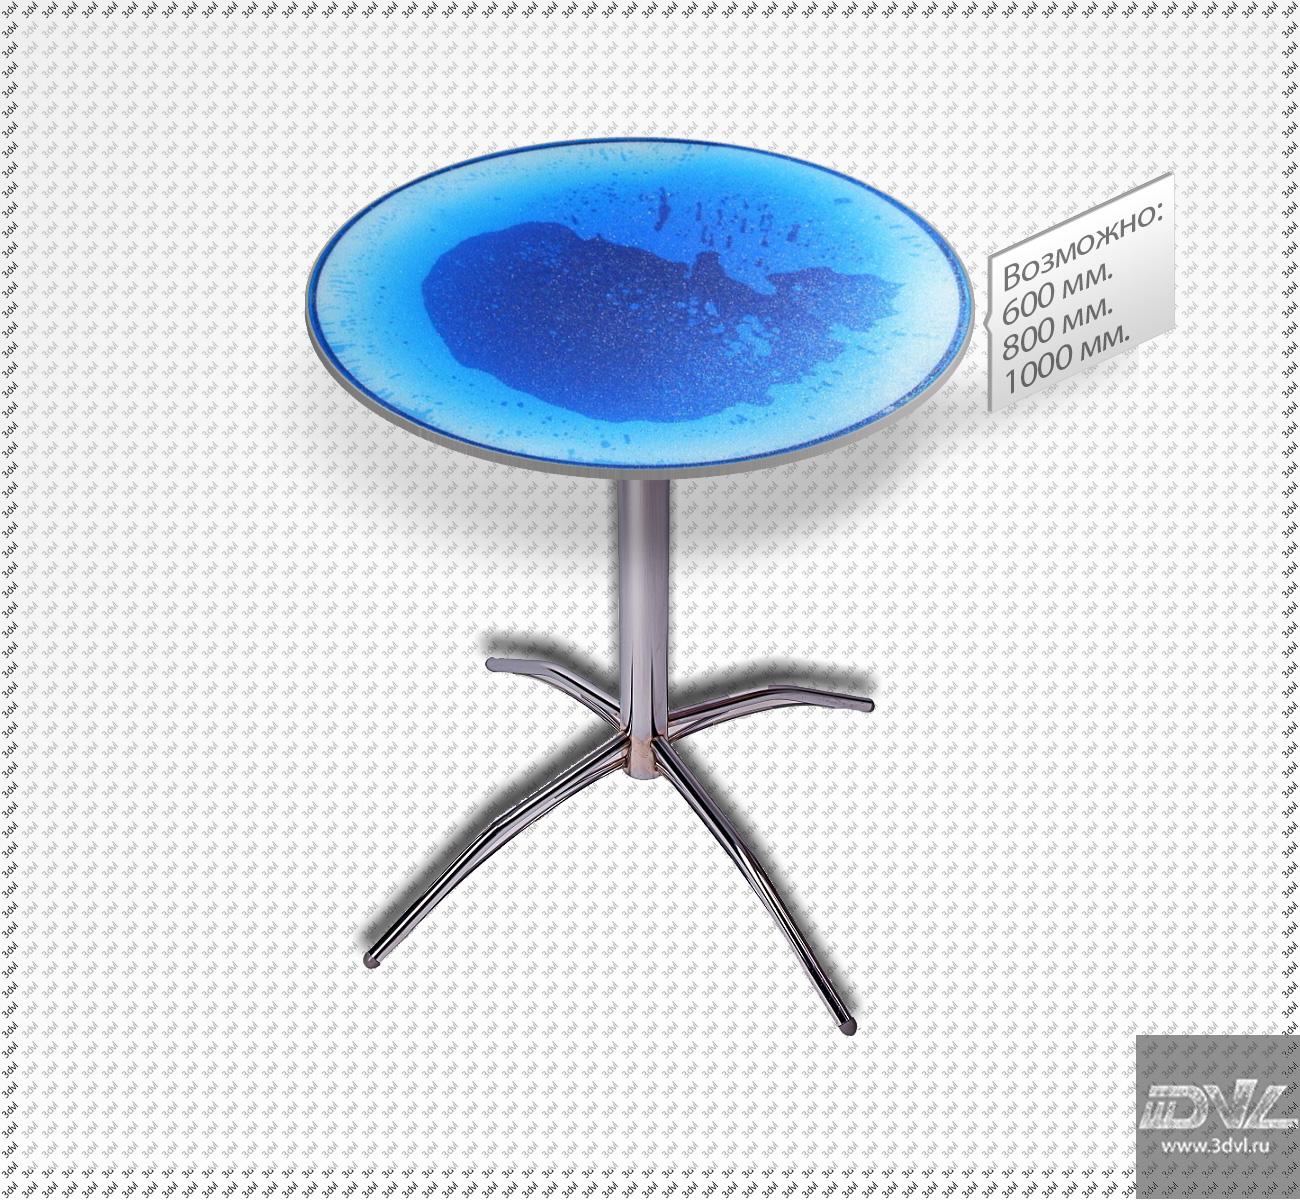 интерактивный столик с живой столешницей liquid table photo